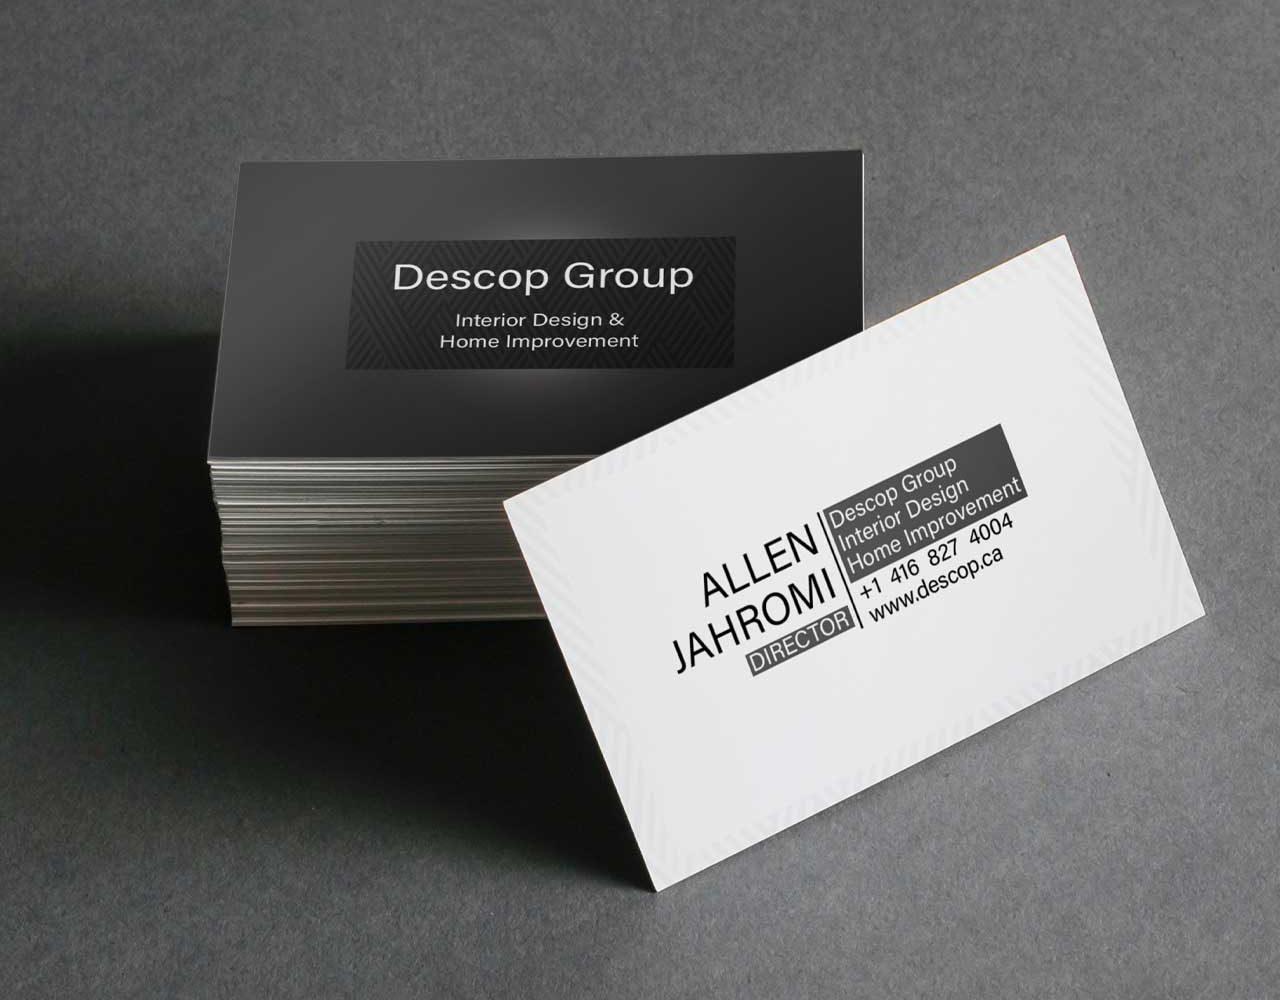 نمونه کار طراحی کارت ویزیت دکوراسیون داخلی